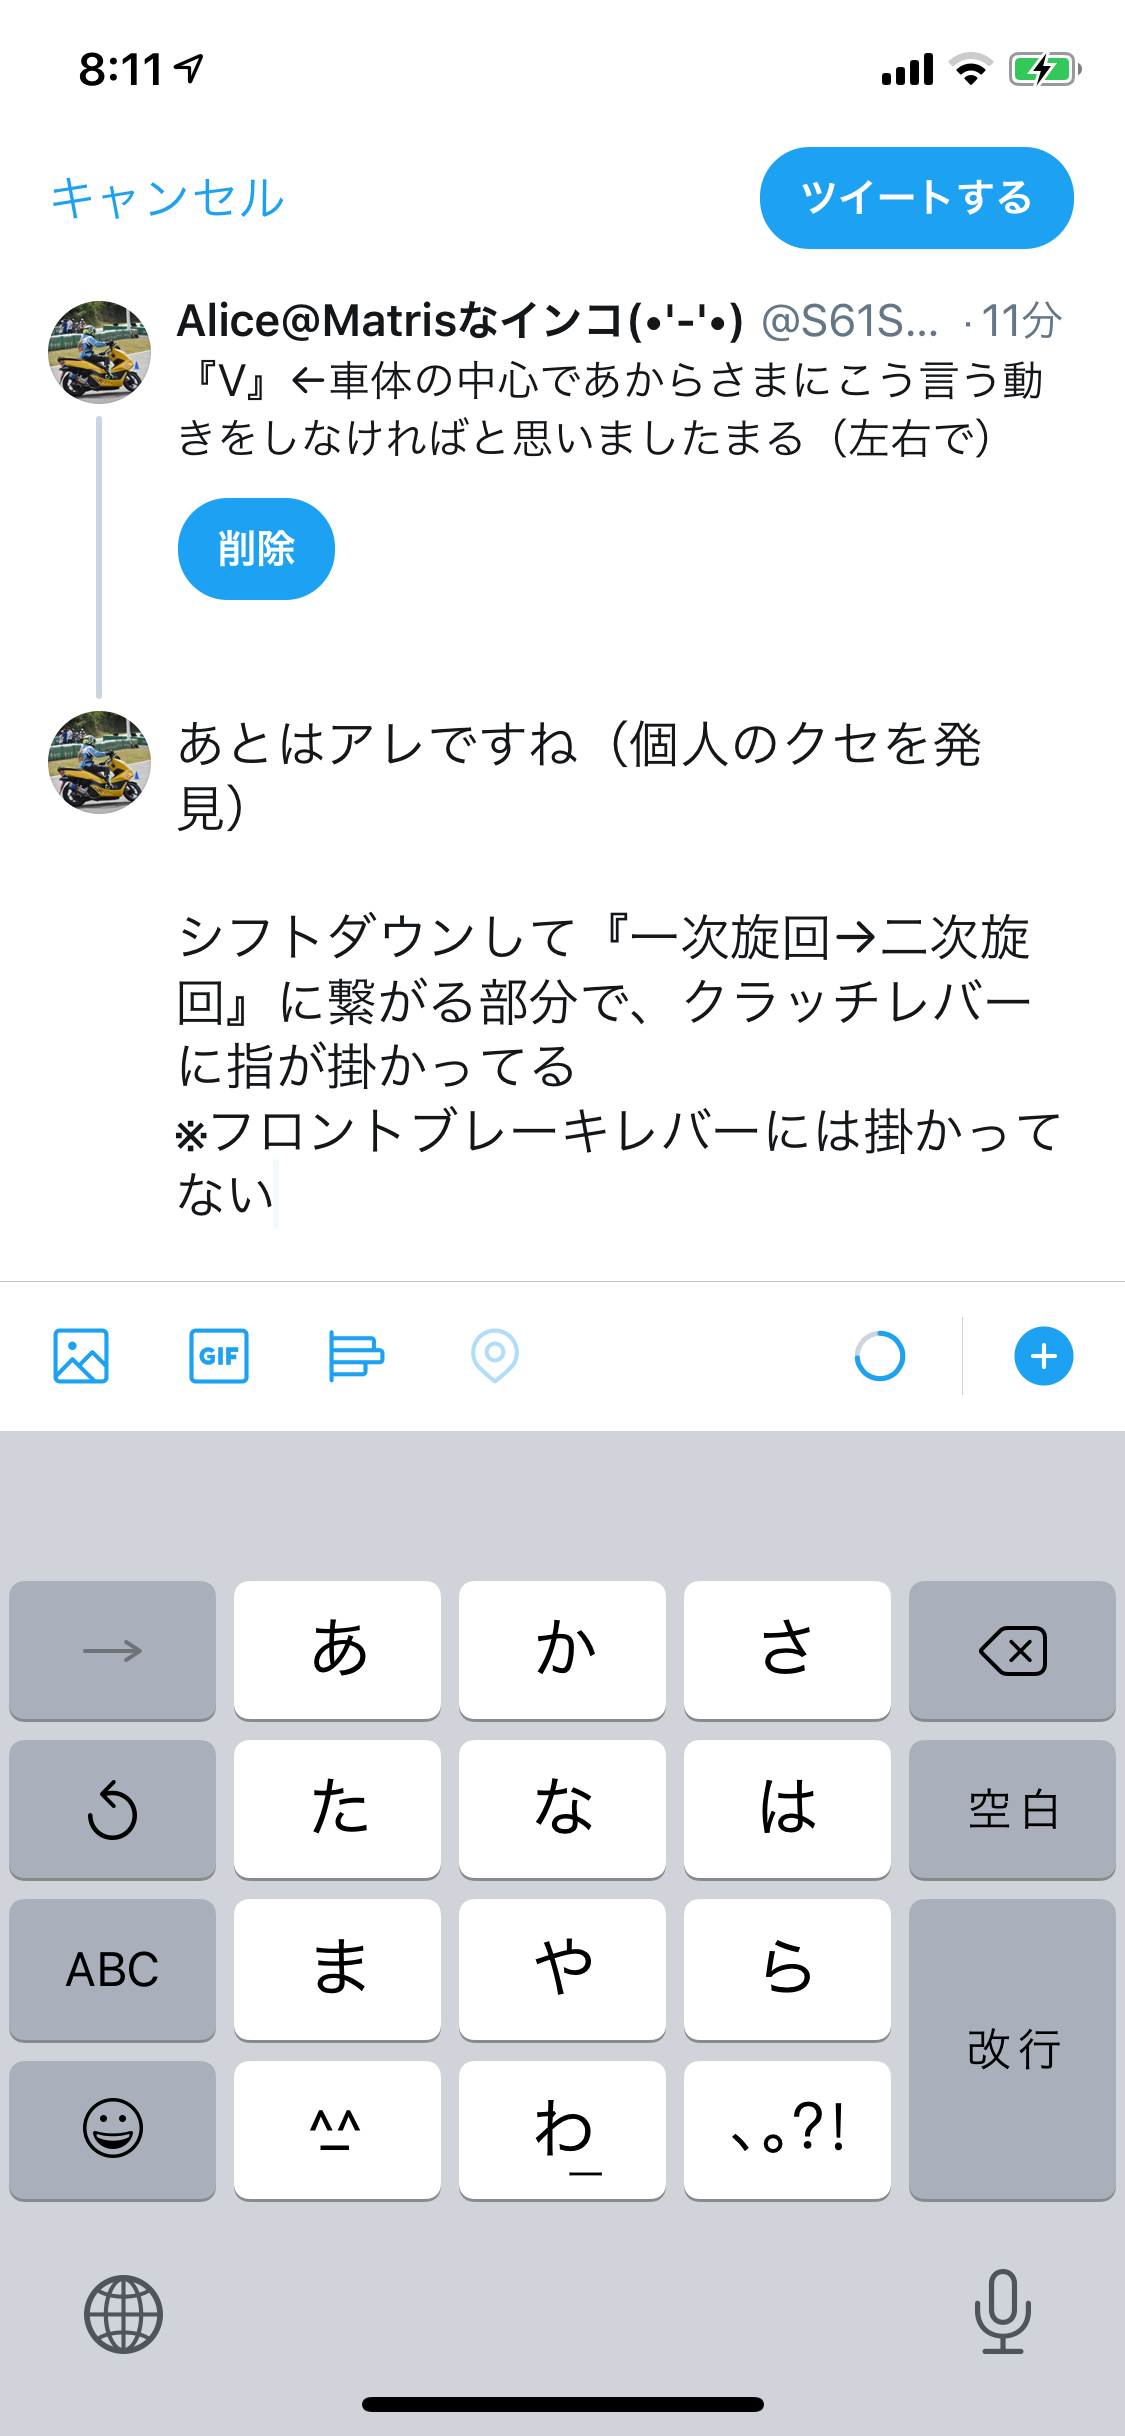 f:id:m-sugiyama-s61:20200328185930p:plain